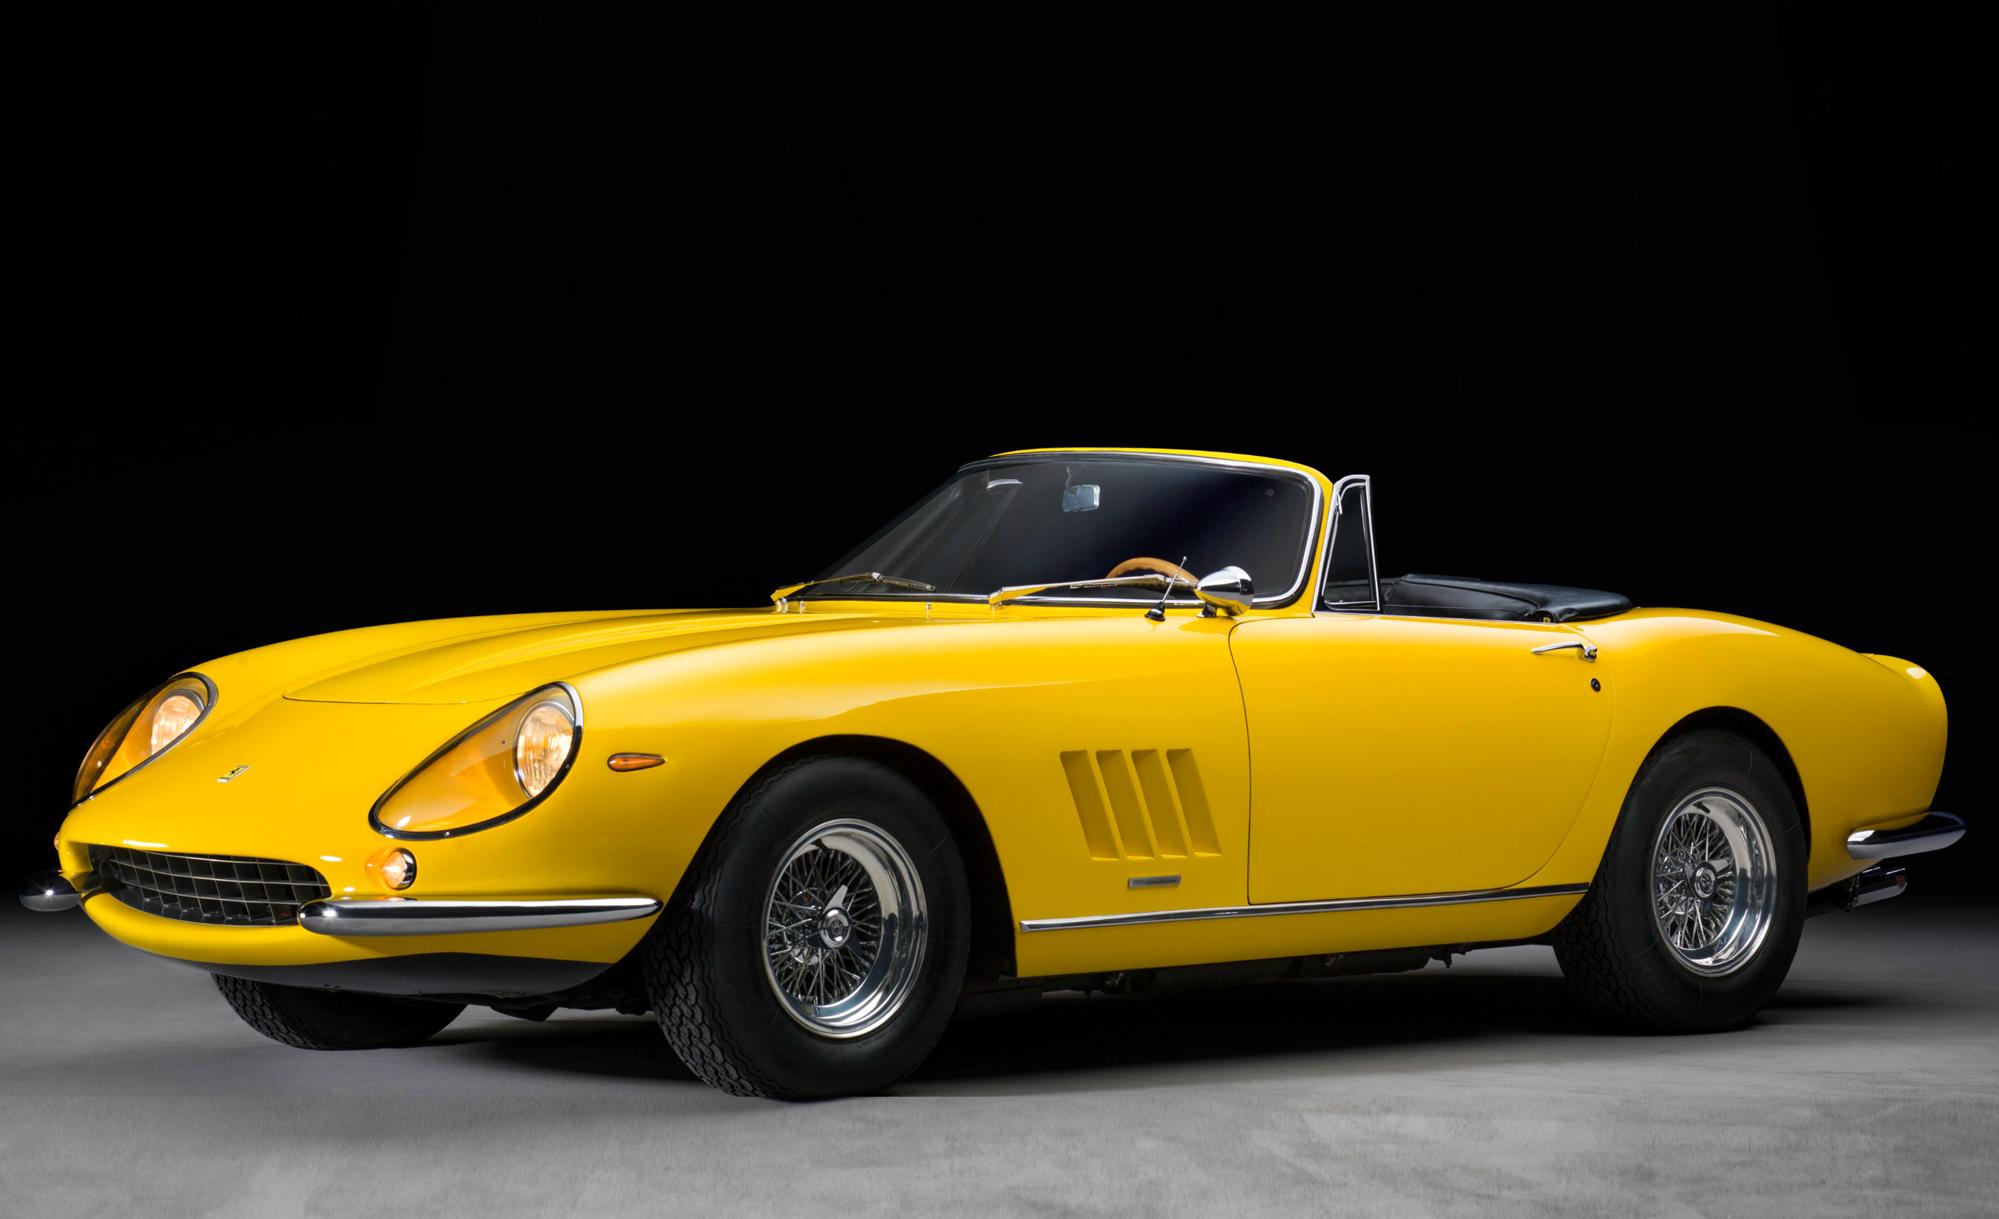 Ferrari 275 GTB/4 S NART Spider by Scaglietti del 1967